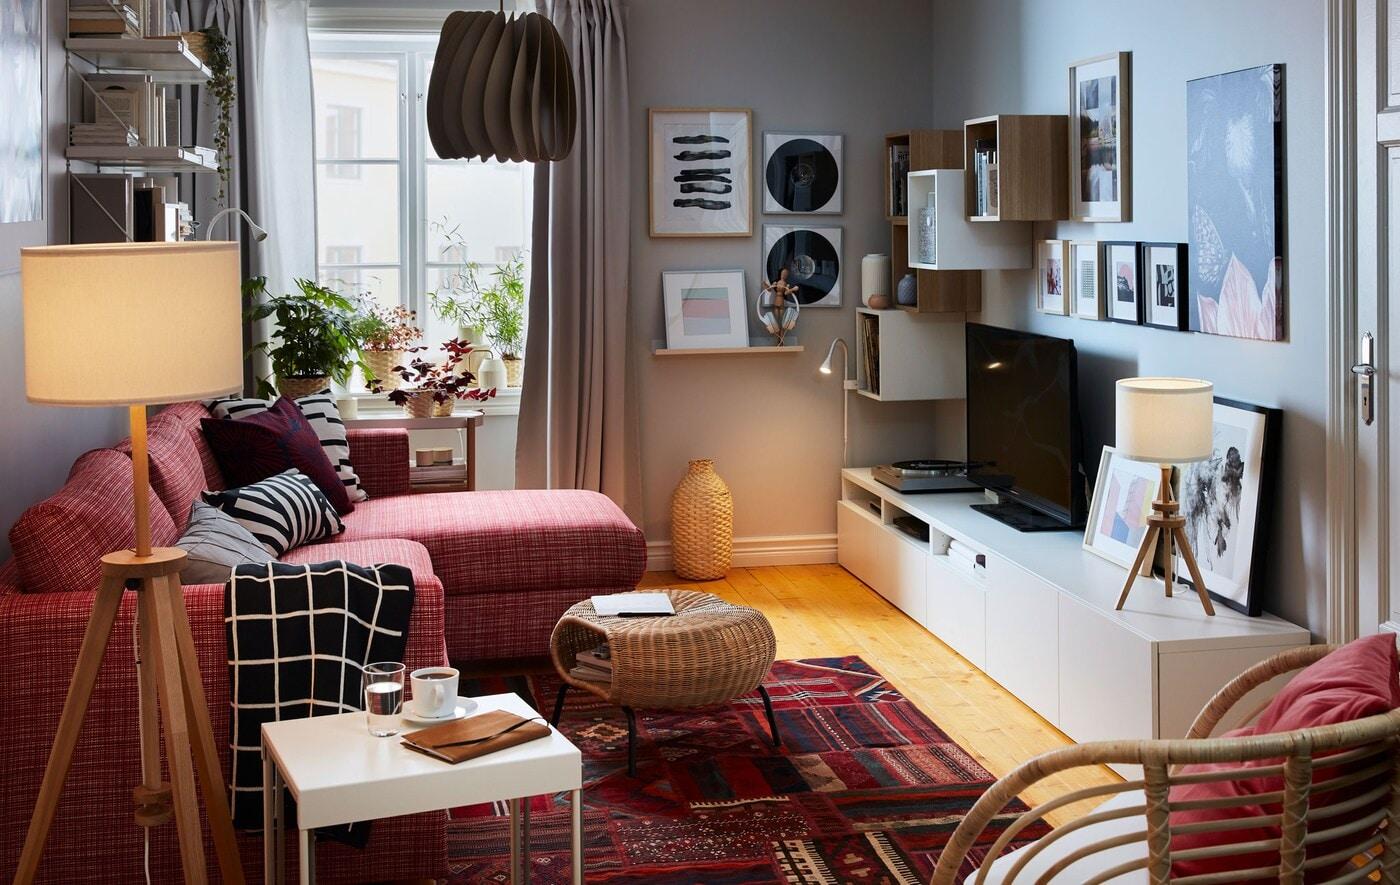 Kompaktní obývací pokoj s pohovkou a lenoškou, nízká skříňka, obrazy na stěně, velké i malé lampy